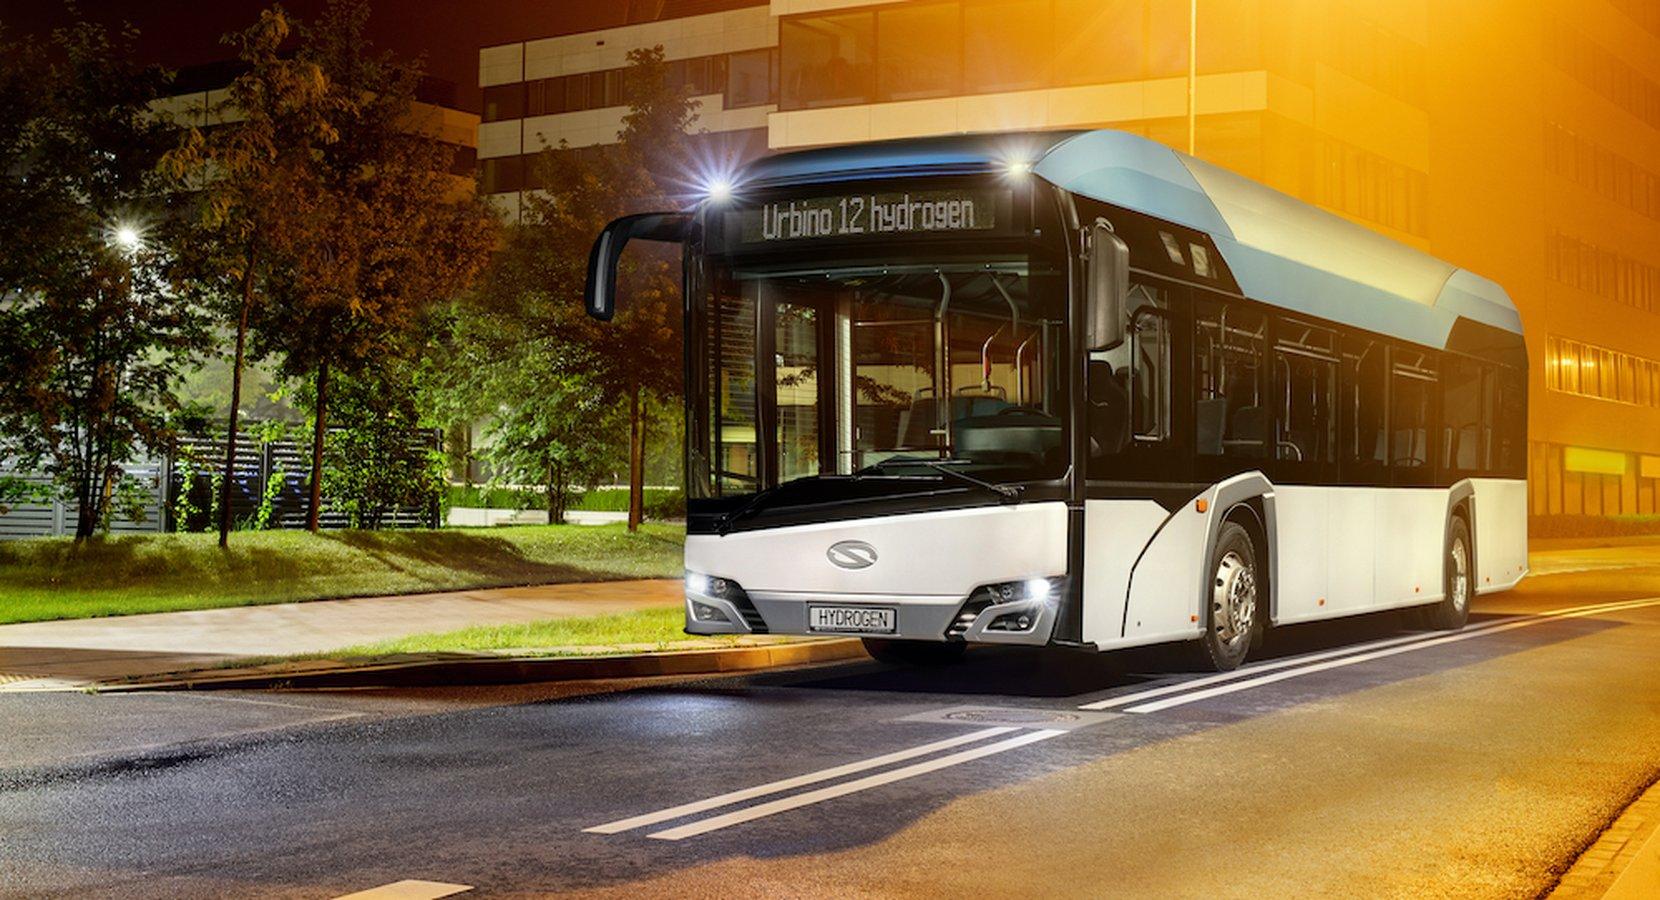 Vätgasbuss_Solaris_Urbino_12_hydrogen